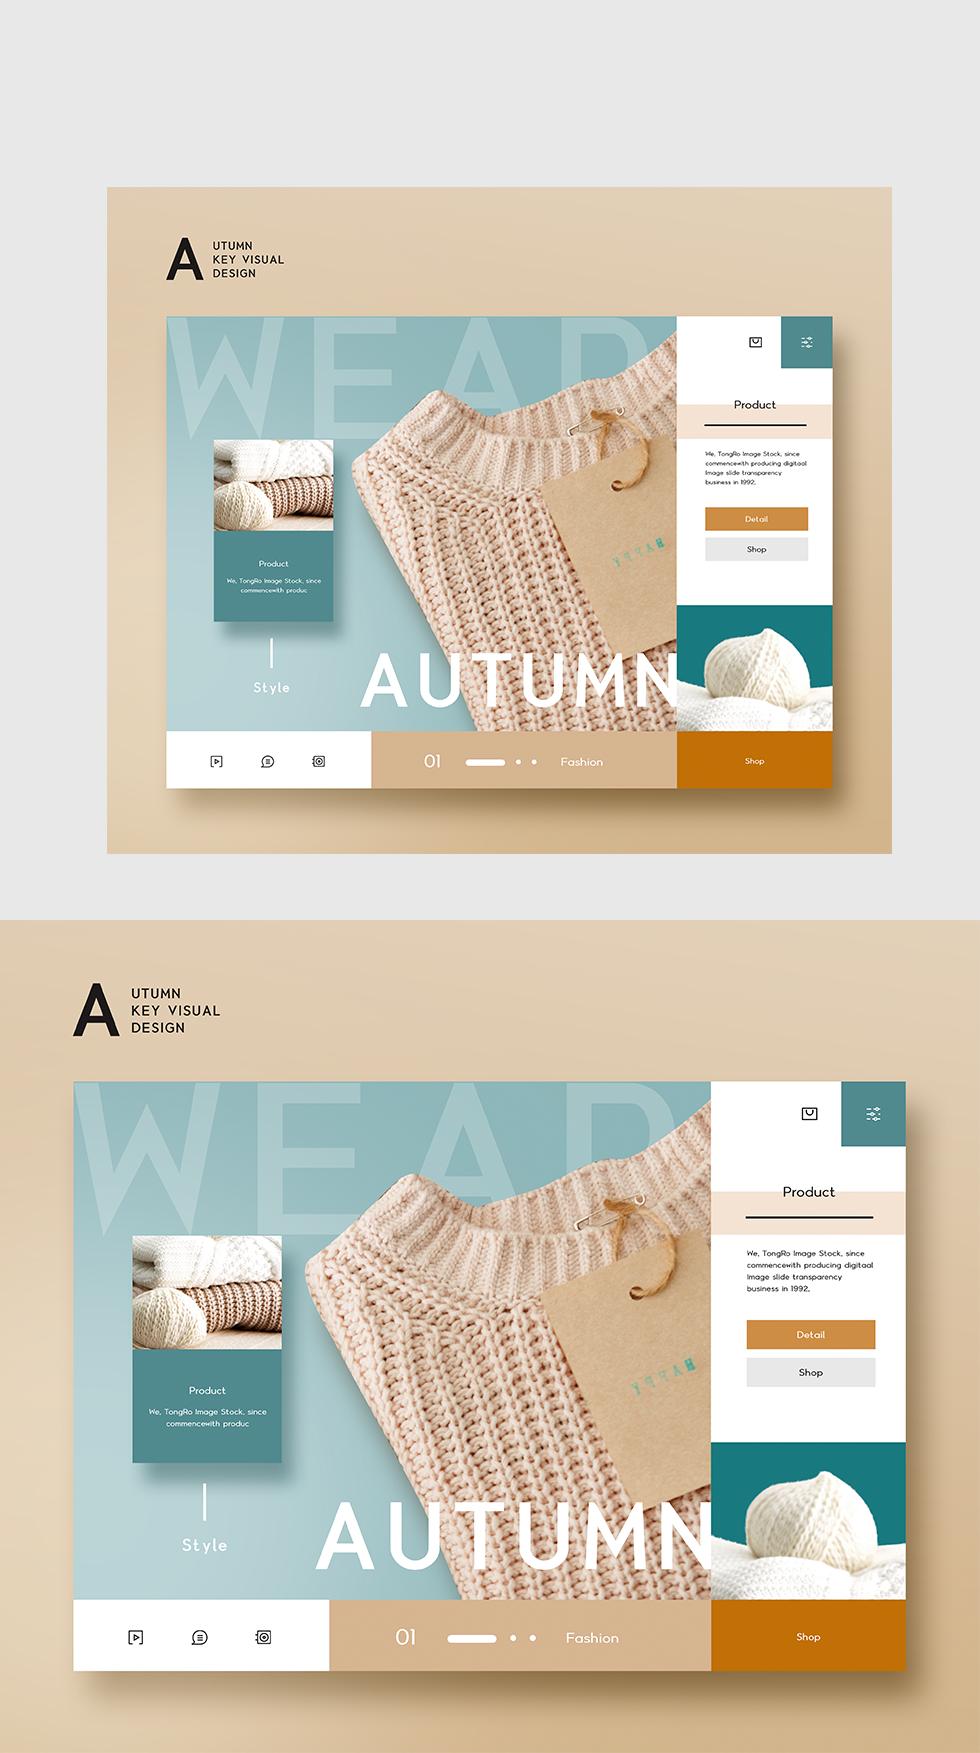 简约高端服装毛衣响应式WEB界面设计源文件